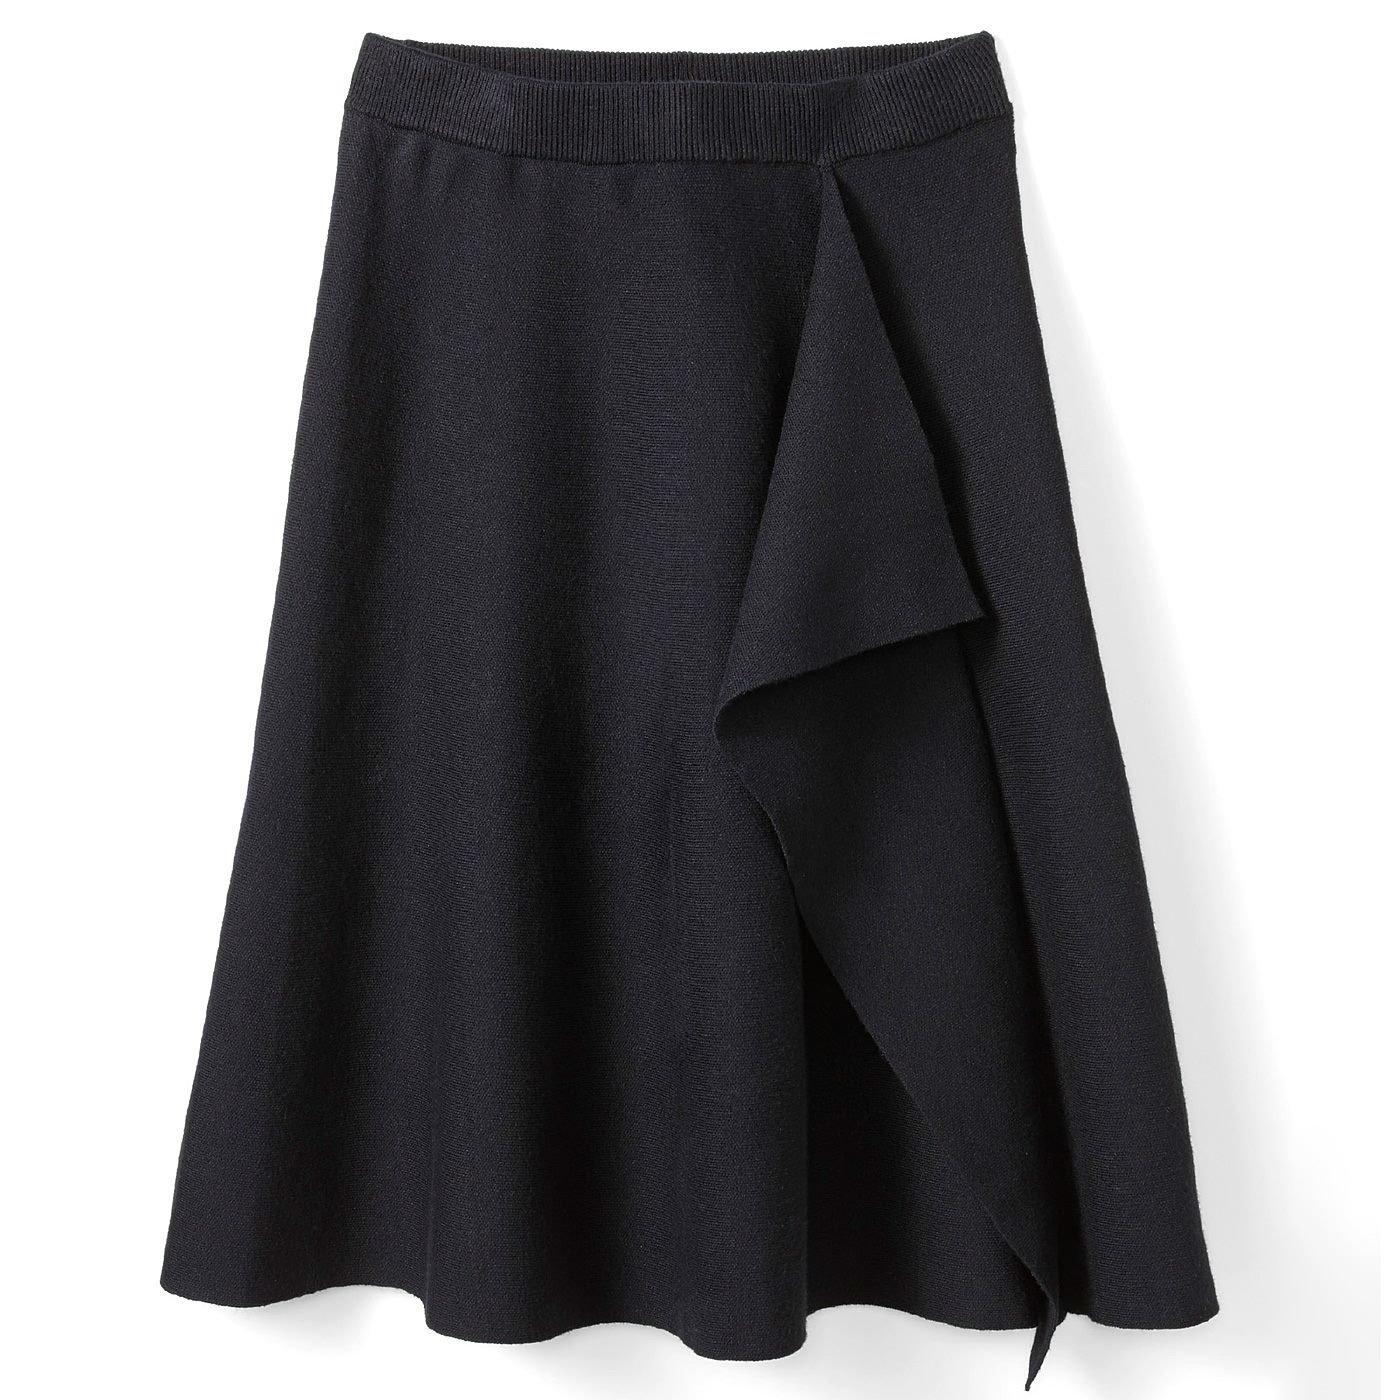 IEDIT[イディット] ラッフルデザインのニットスカート〈ブラック〉